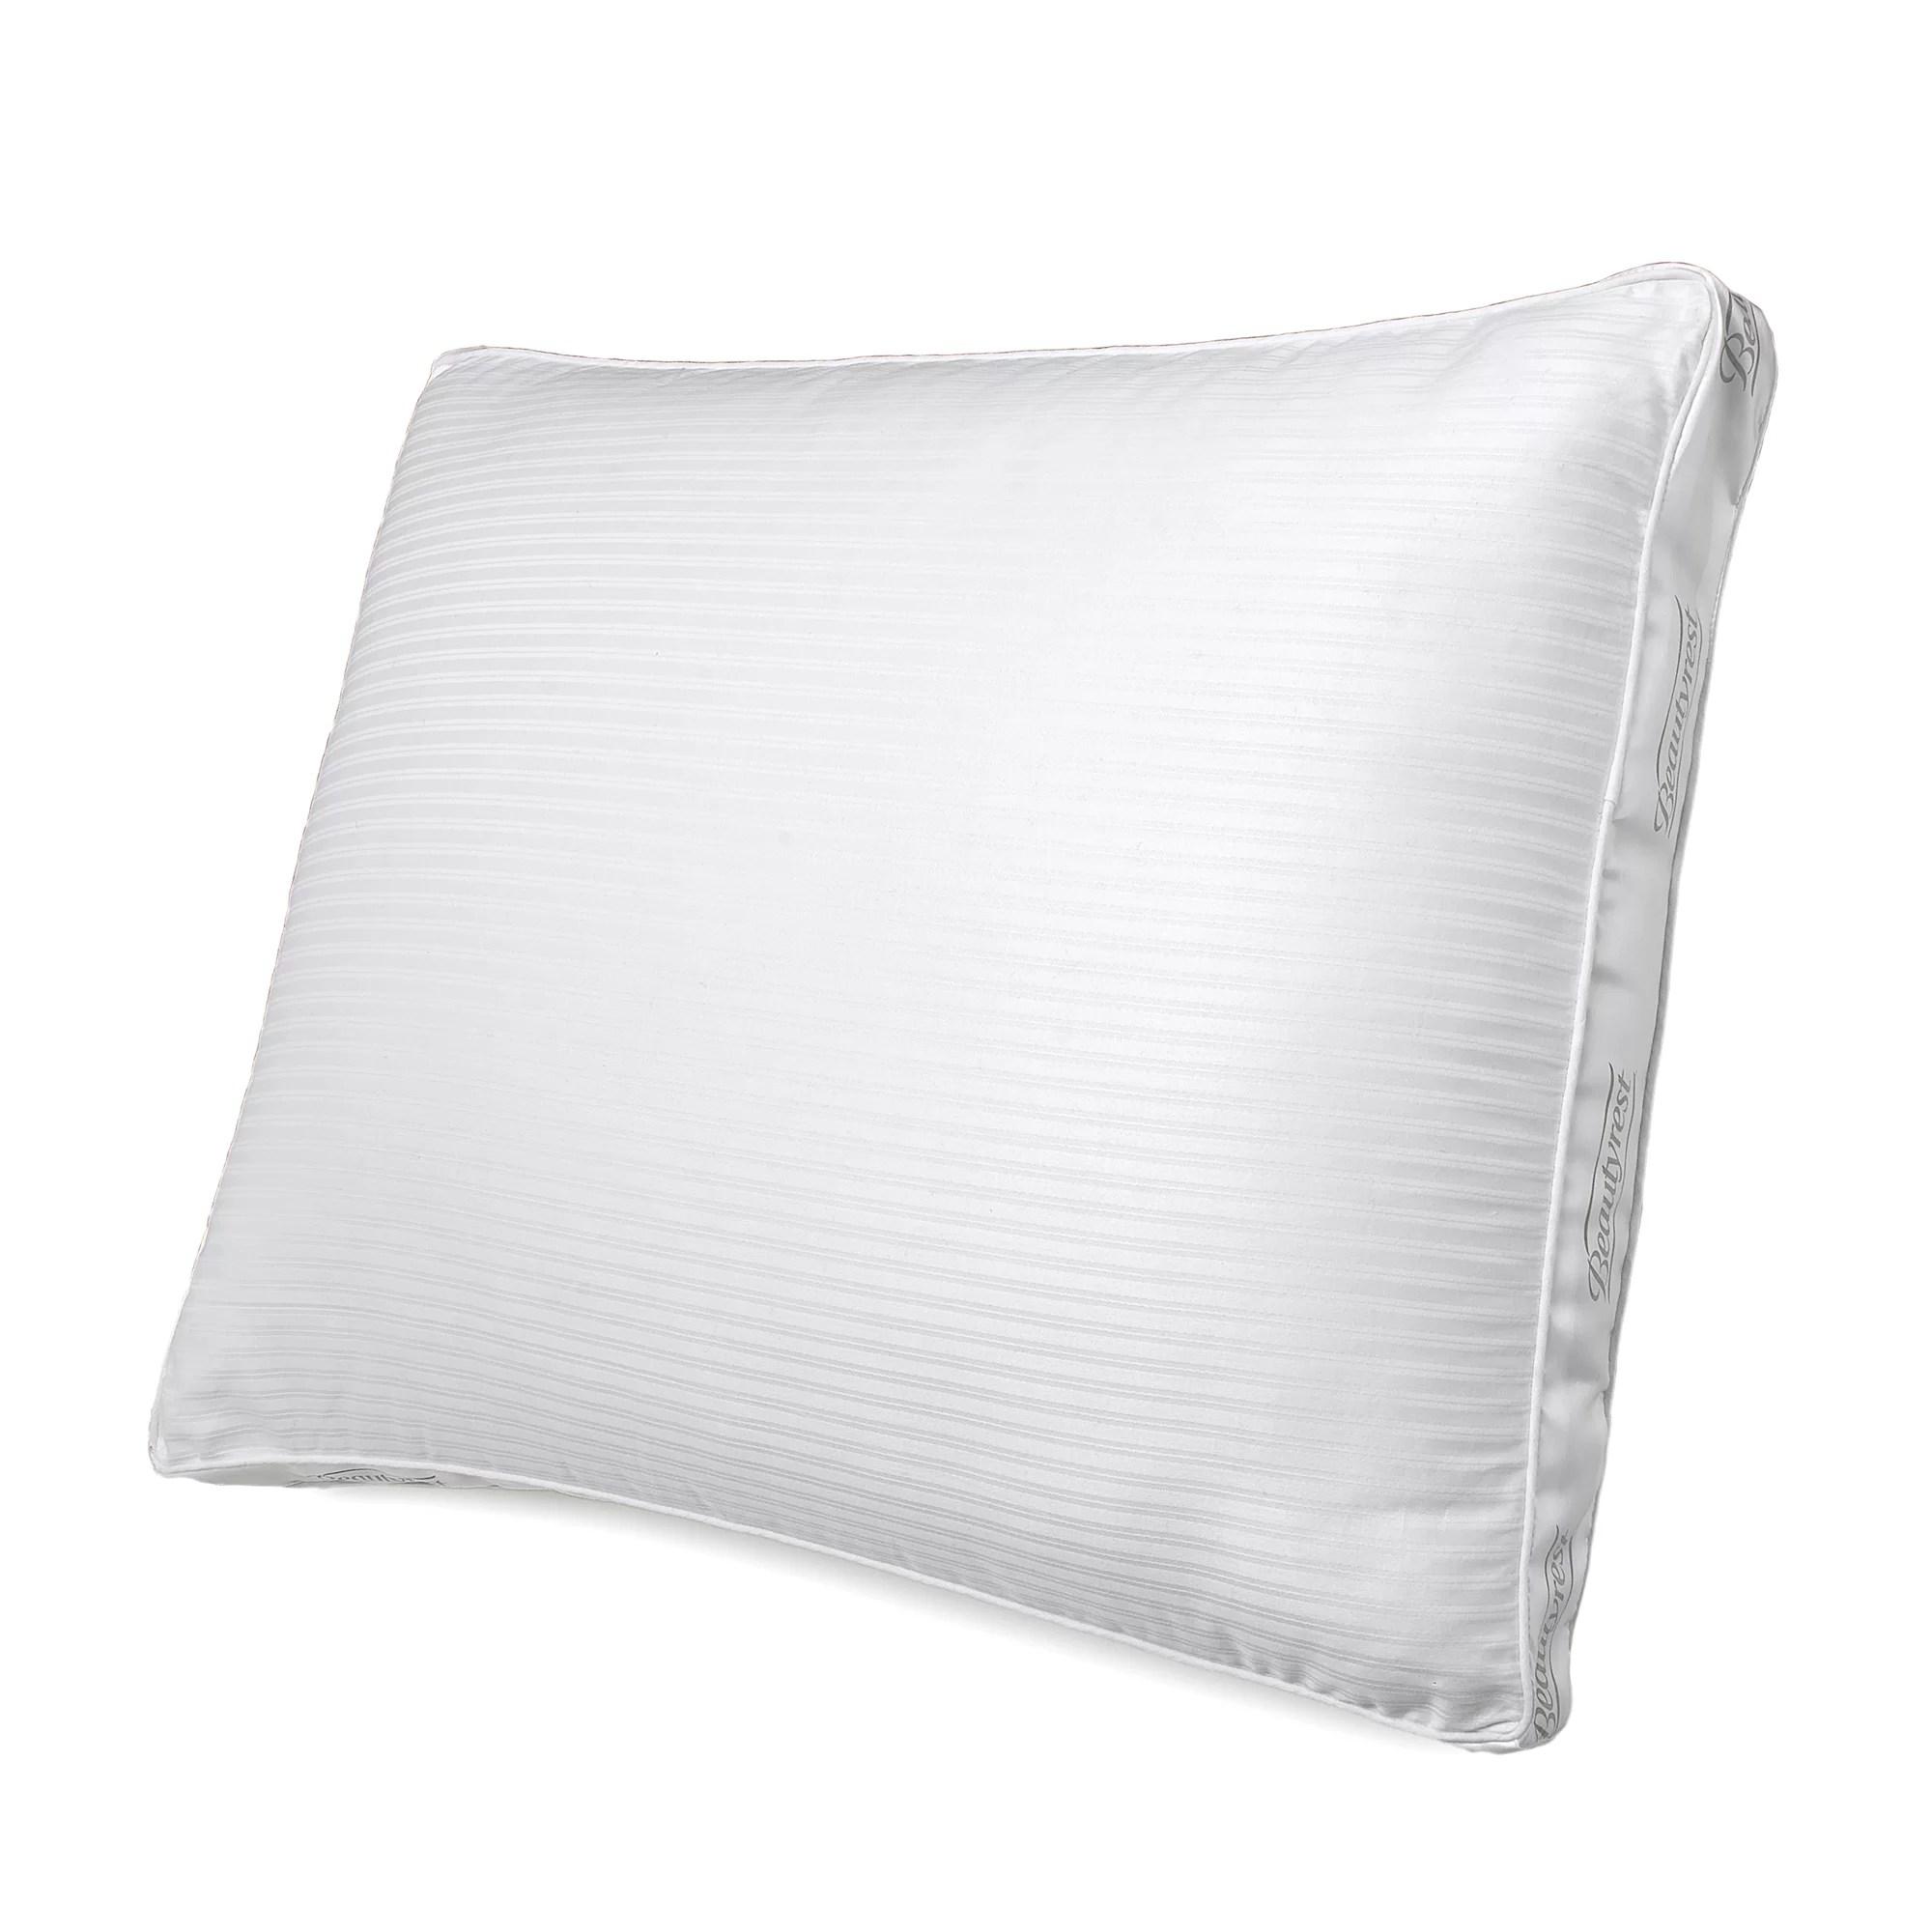 Simmons Beautyrest Pima Cotton Extra Firm Polyfill Pillow